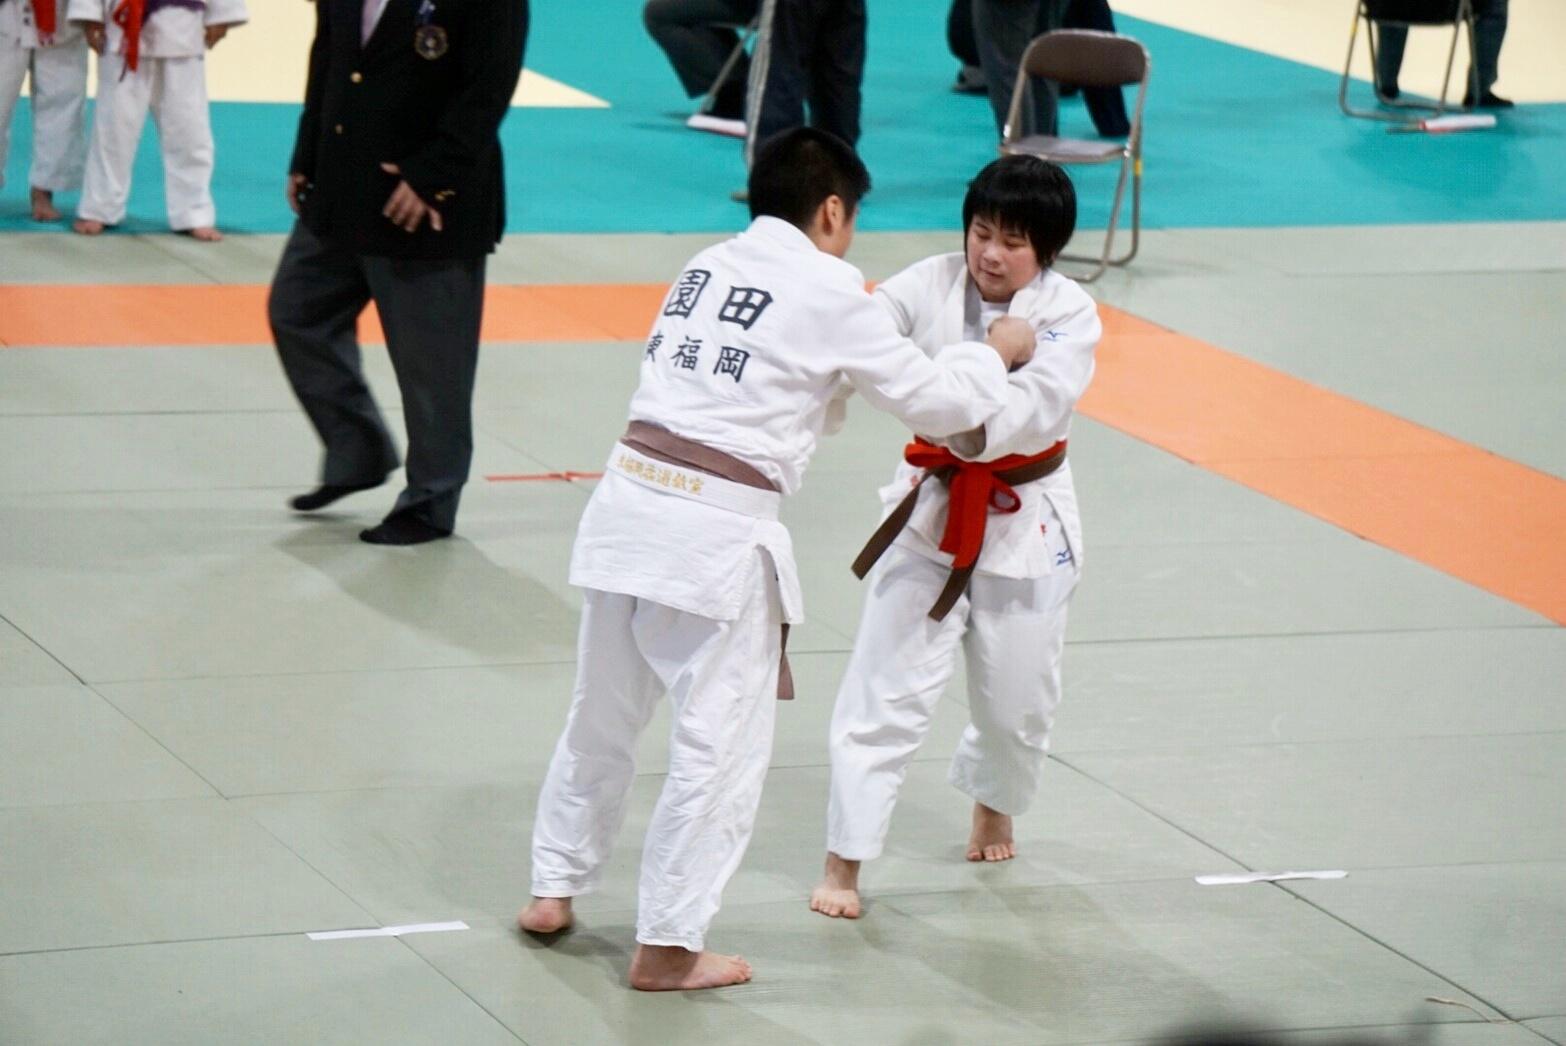 2020 柳ヶ浦少年柔道大会_b0172494_21195850.jpg